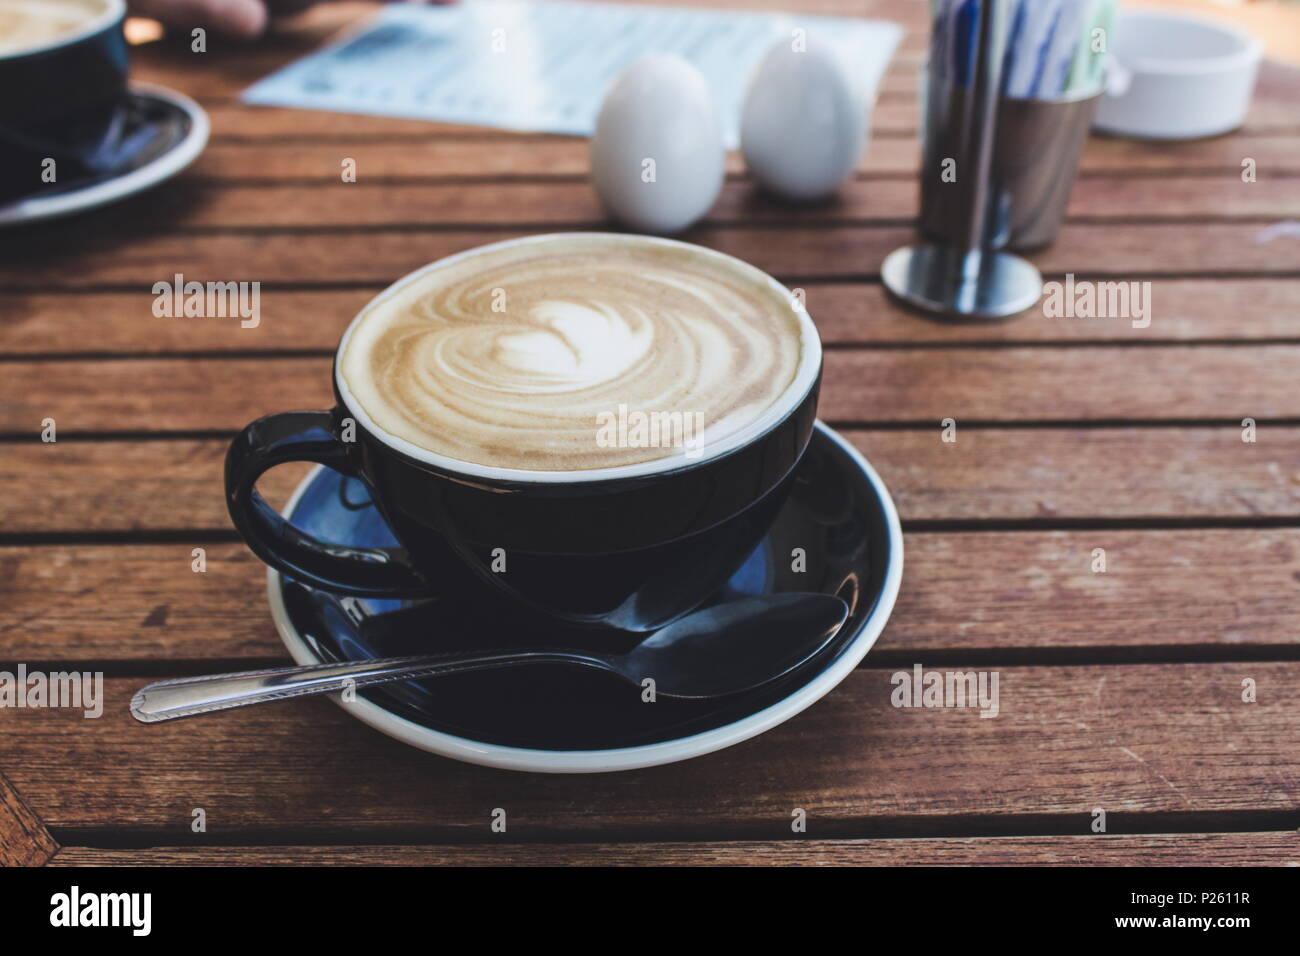 Close up image d'une tasse de café chaud dans une tasse noire Photo Stock